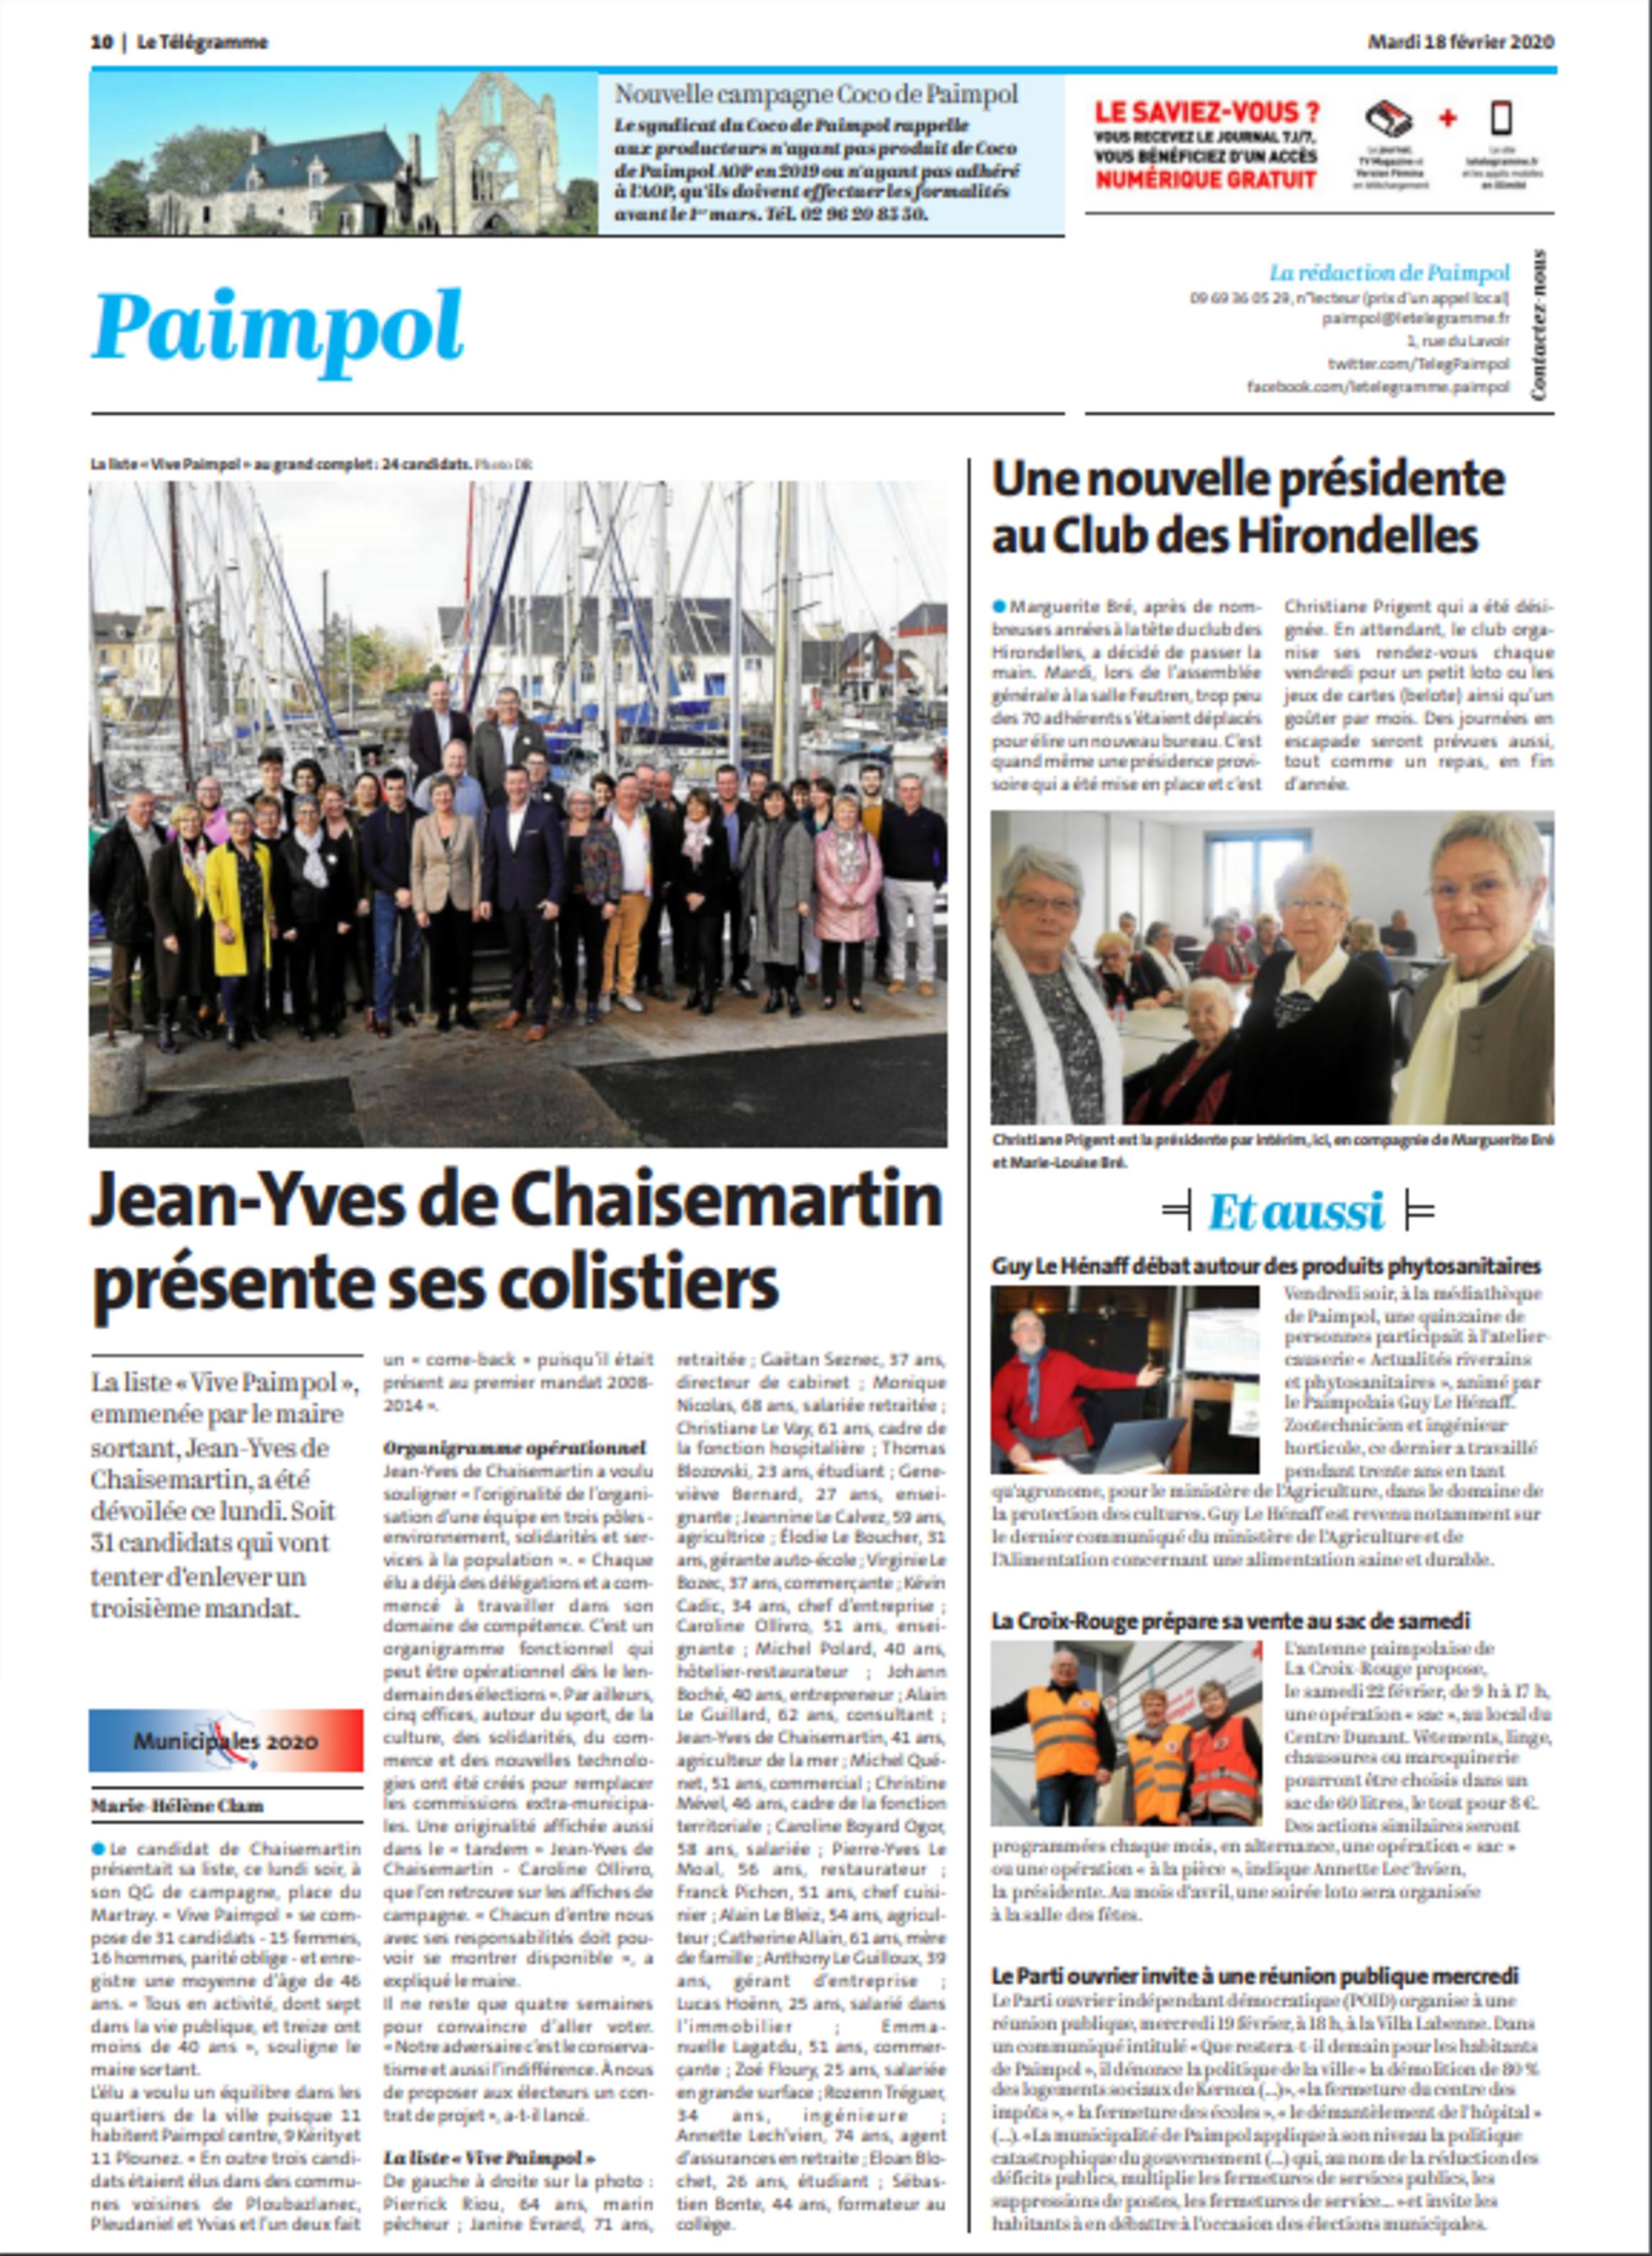 Jean-Yves de Chaisemartin présente ses colistiers